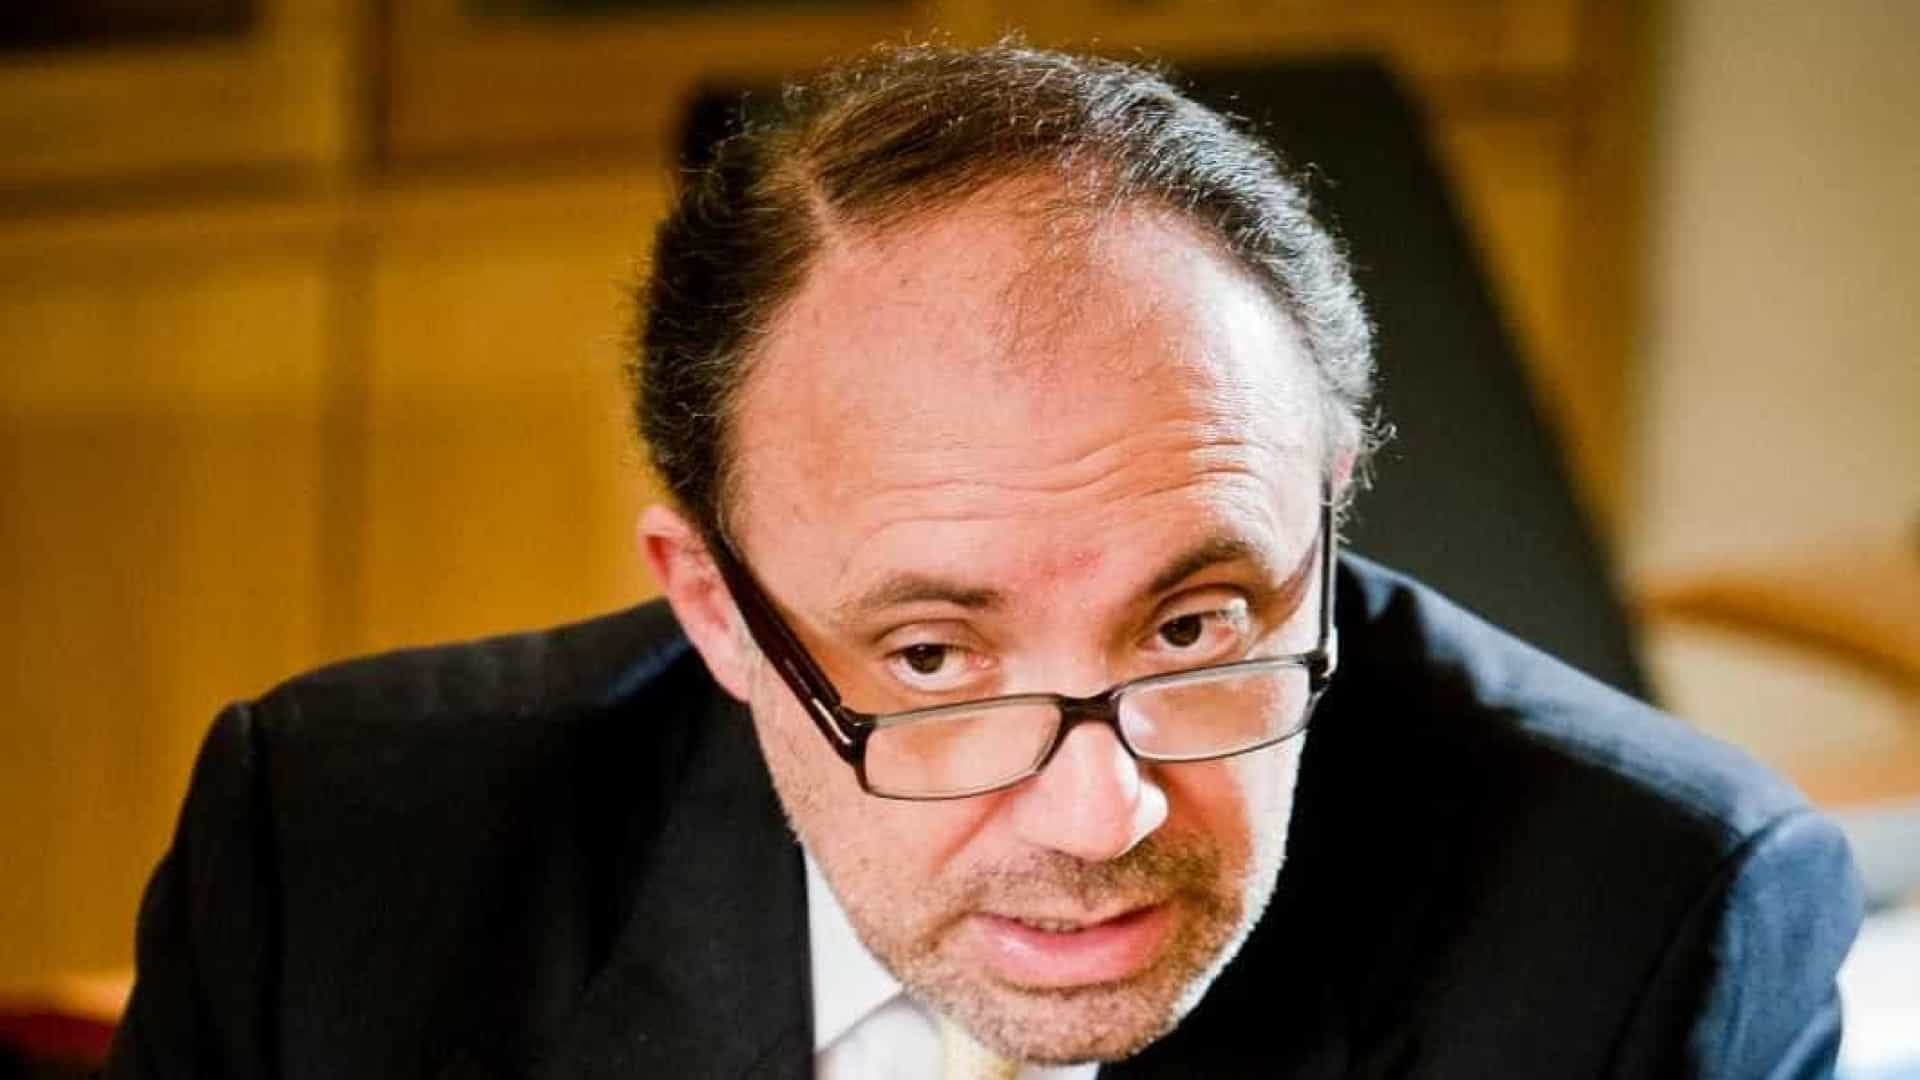 PSD admite votar a favor da moção de censura ao Governo